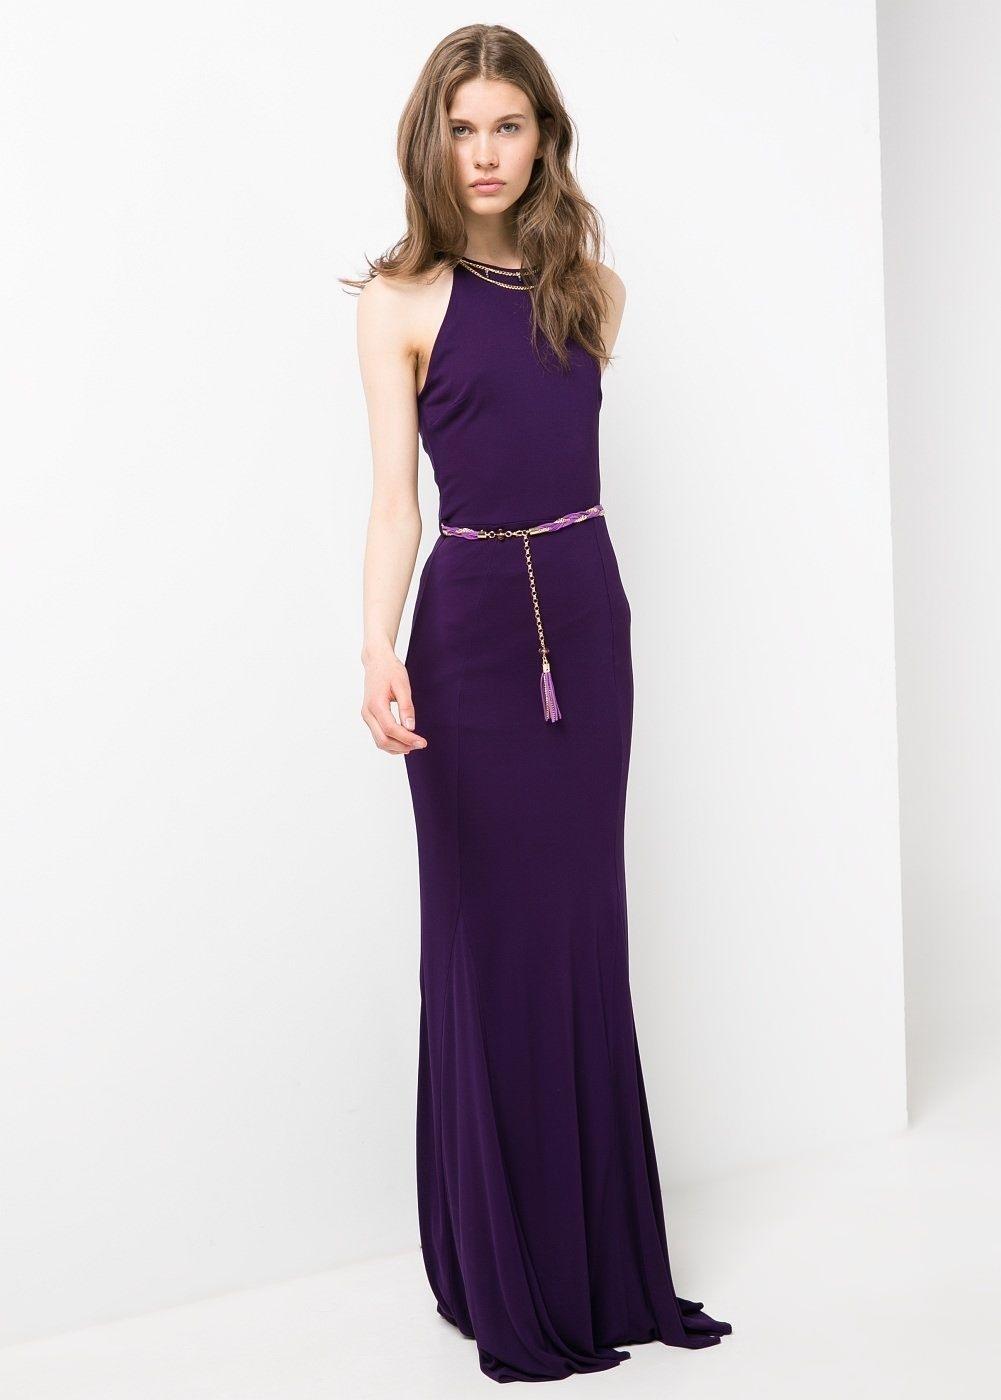 10 Cool Kleider Für Schöne Anlässe DesignDesigner Schön Kleider Für Schöne Anlässe Design